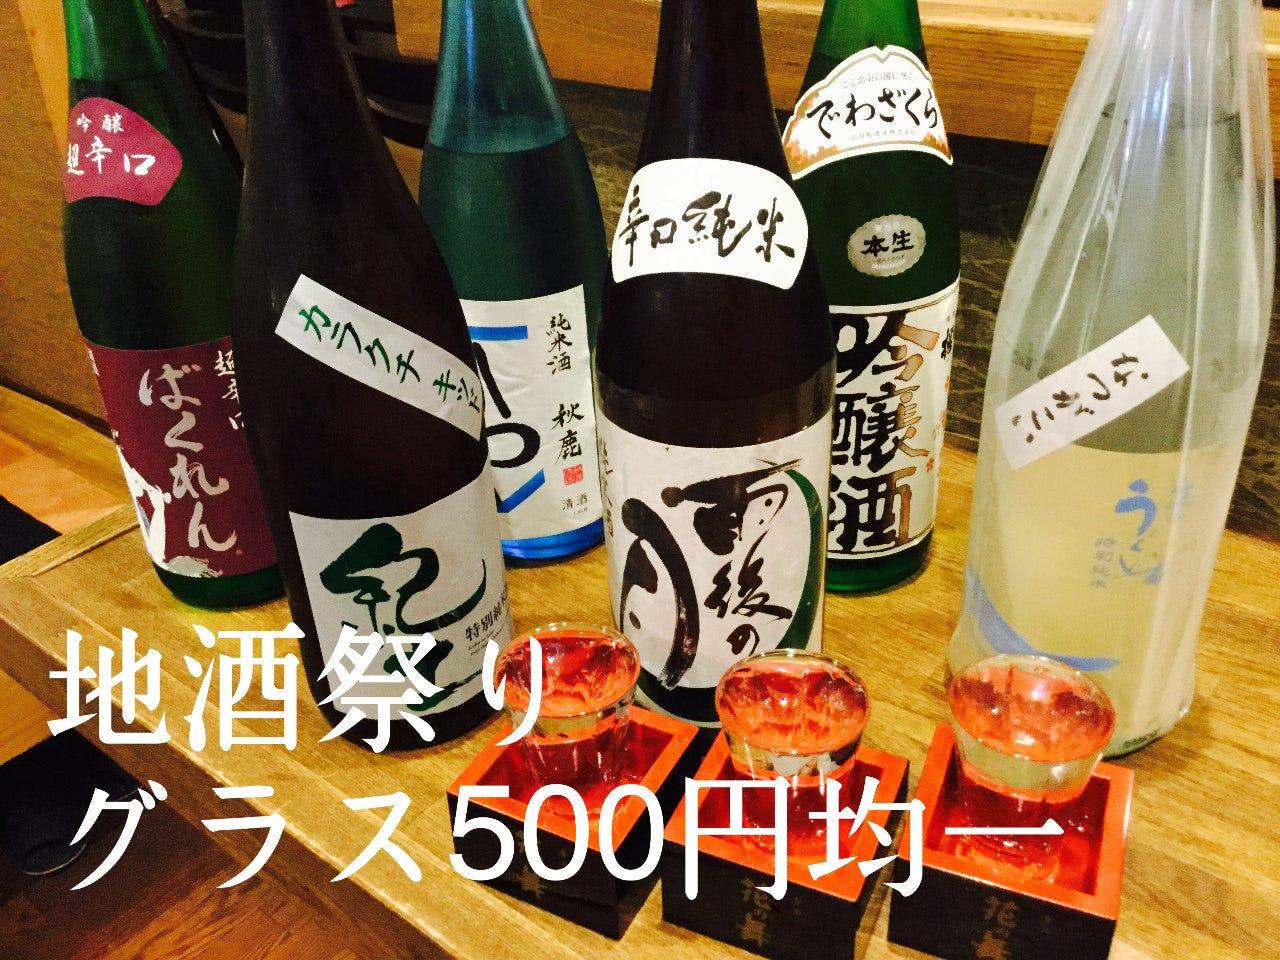 豊富な品揃え。地酒祭り500円均一。